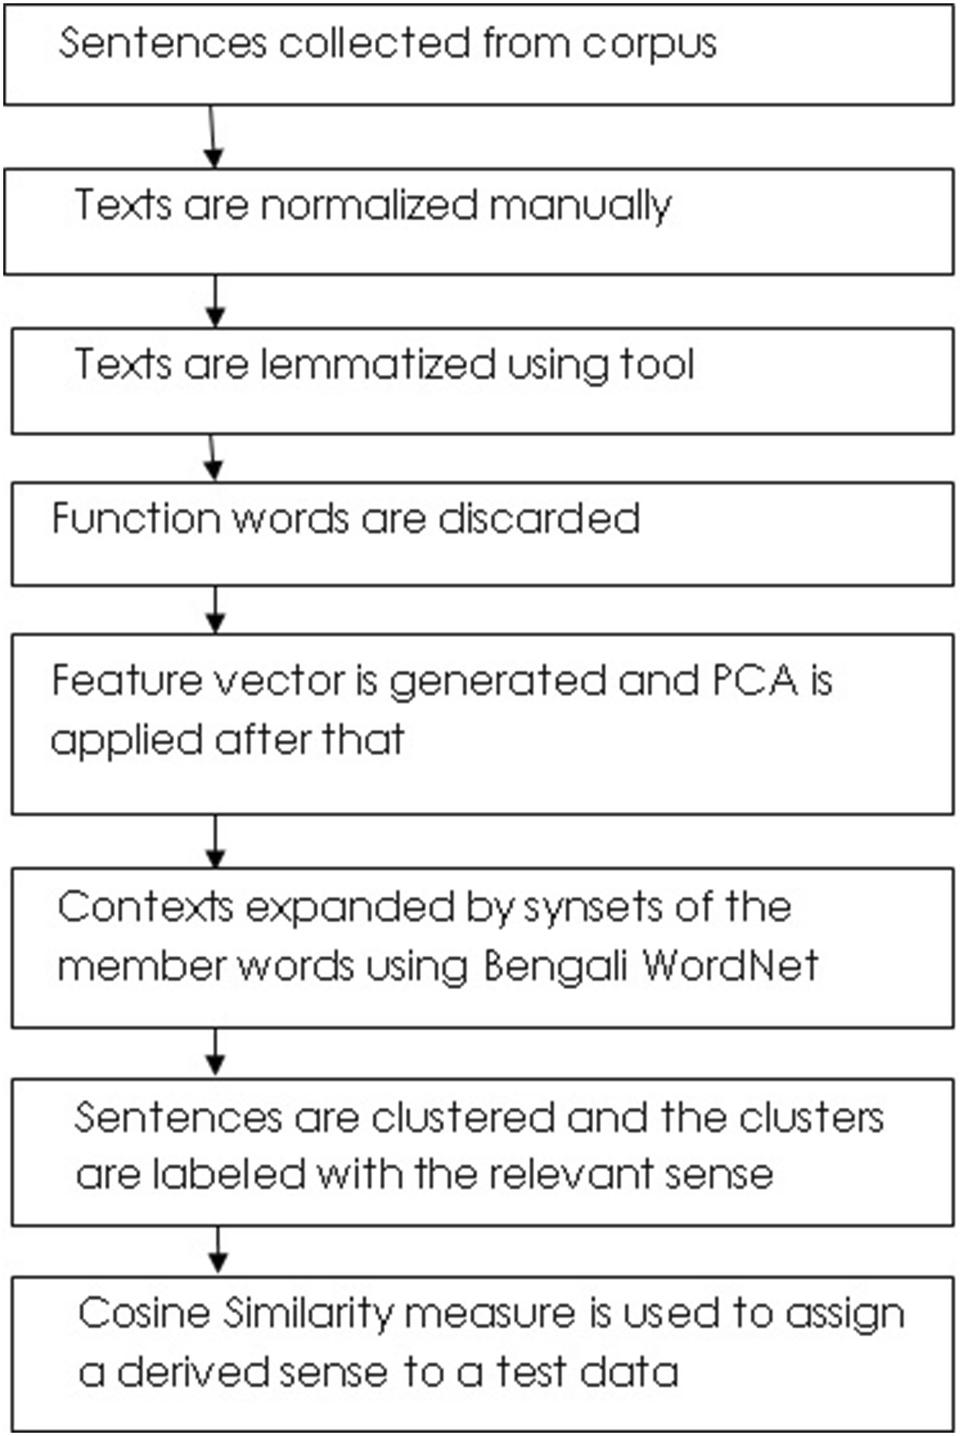 Word Sense Disambiguation in Bengali language using unsupervised